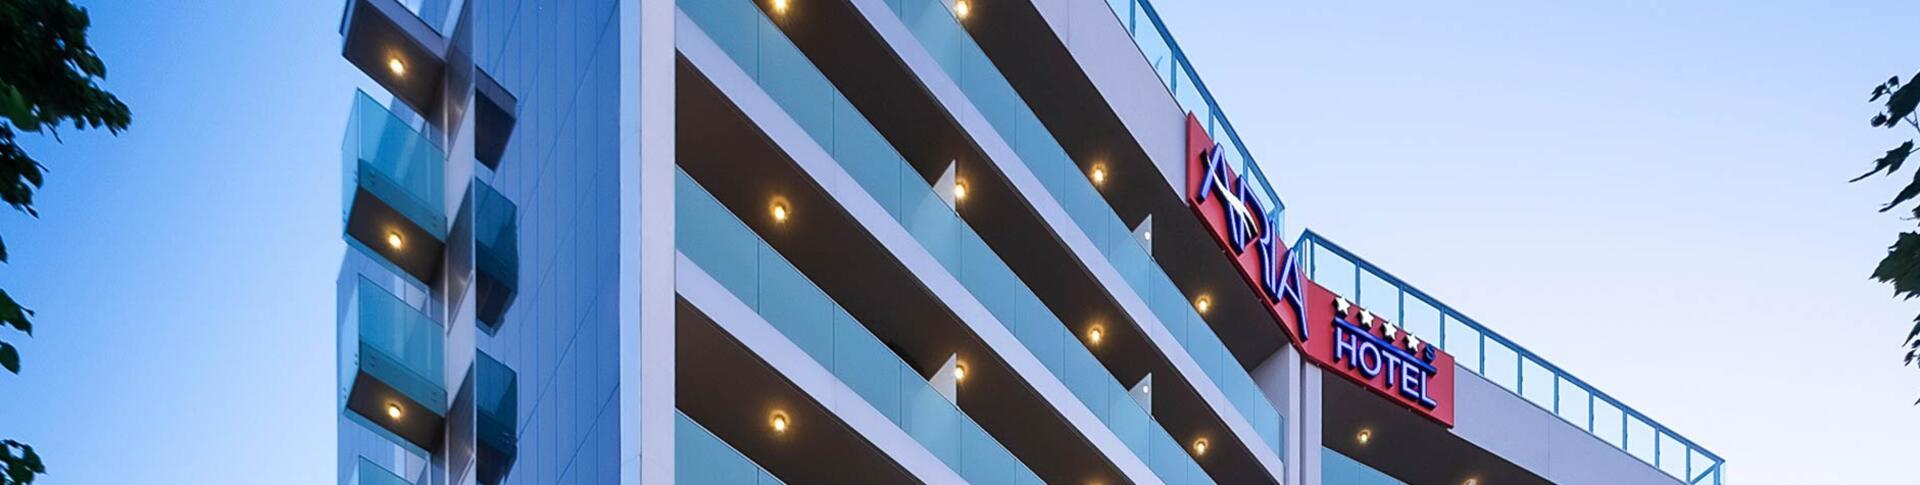 ariahotel en location 013